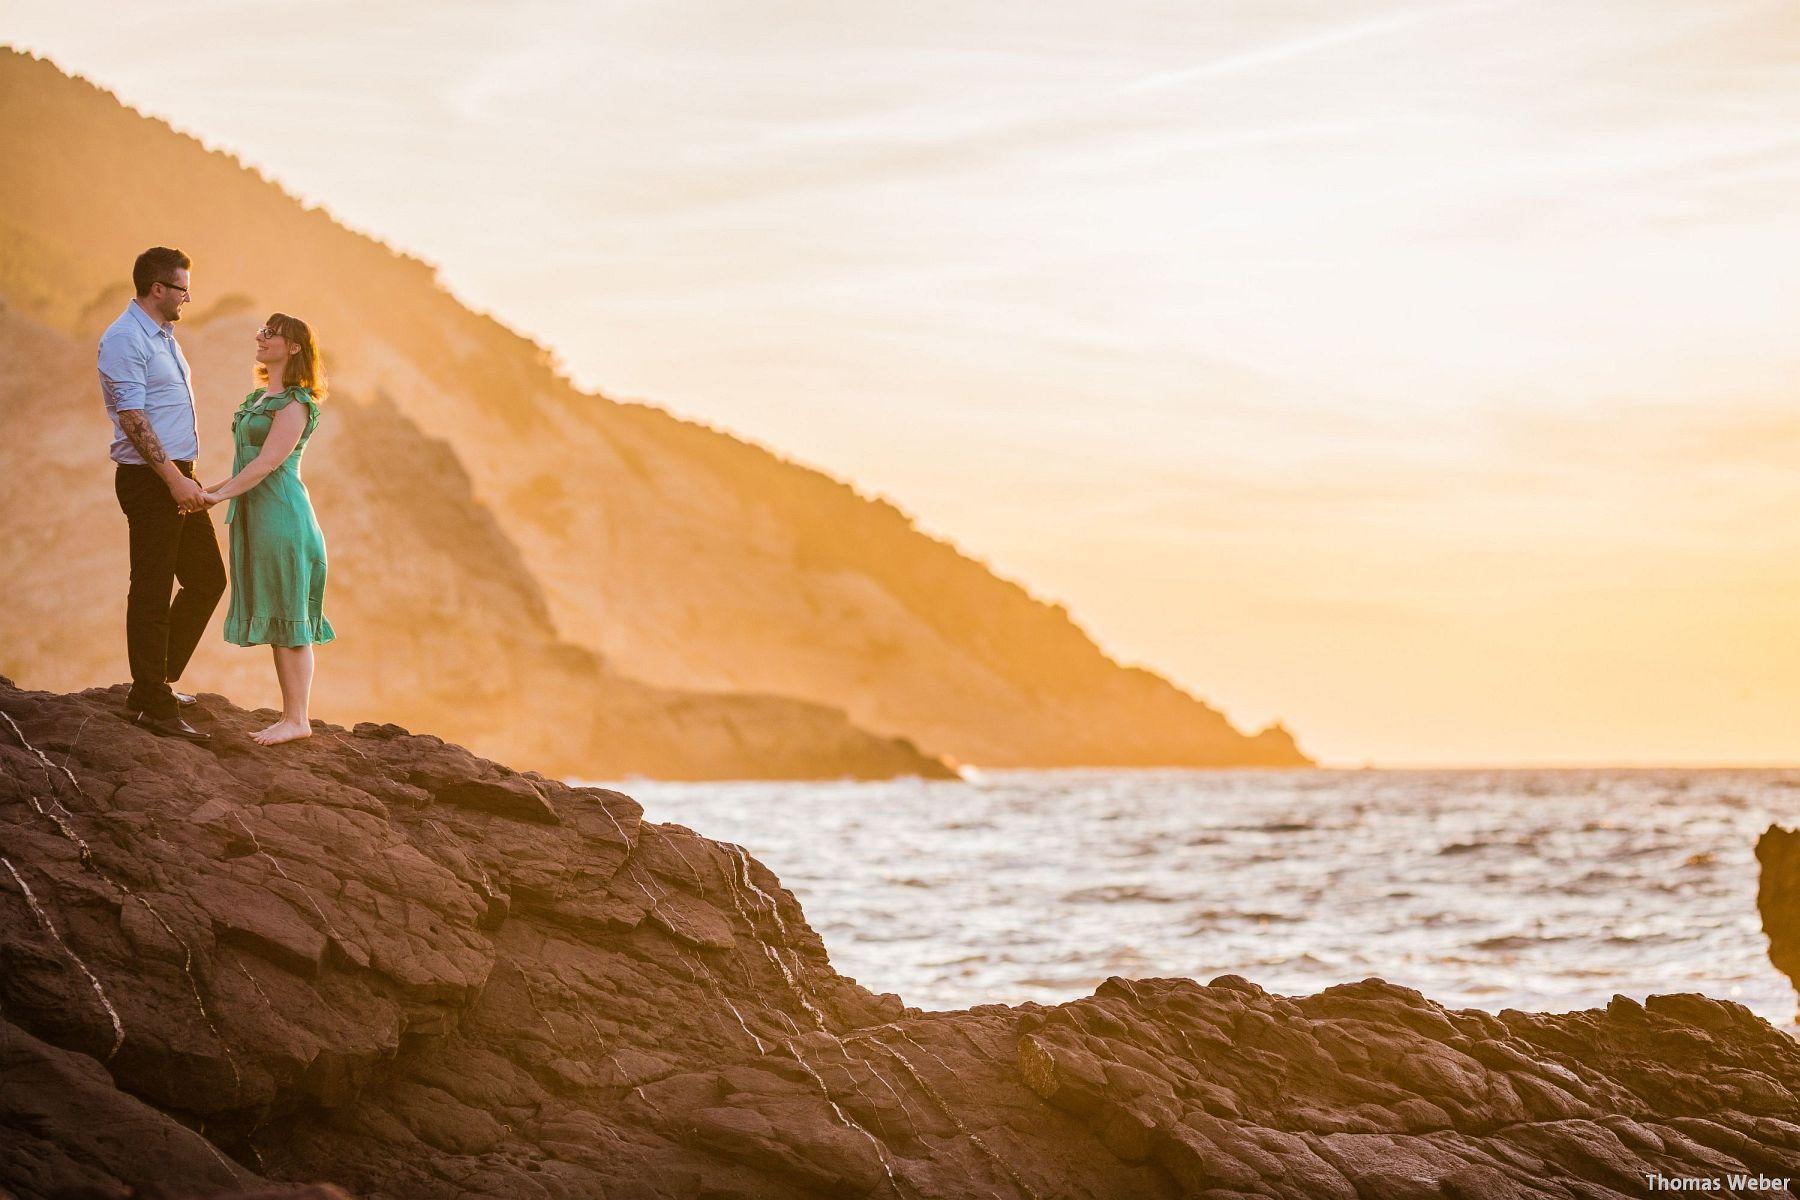 Hochzeitsfotograf Thomas Weber aus Oldenburg: Hochzeitsfotos und Paarfotos auf Mallorca (43)